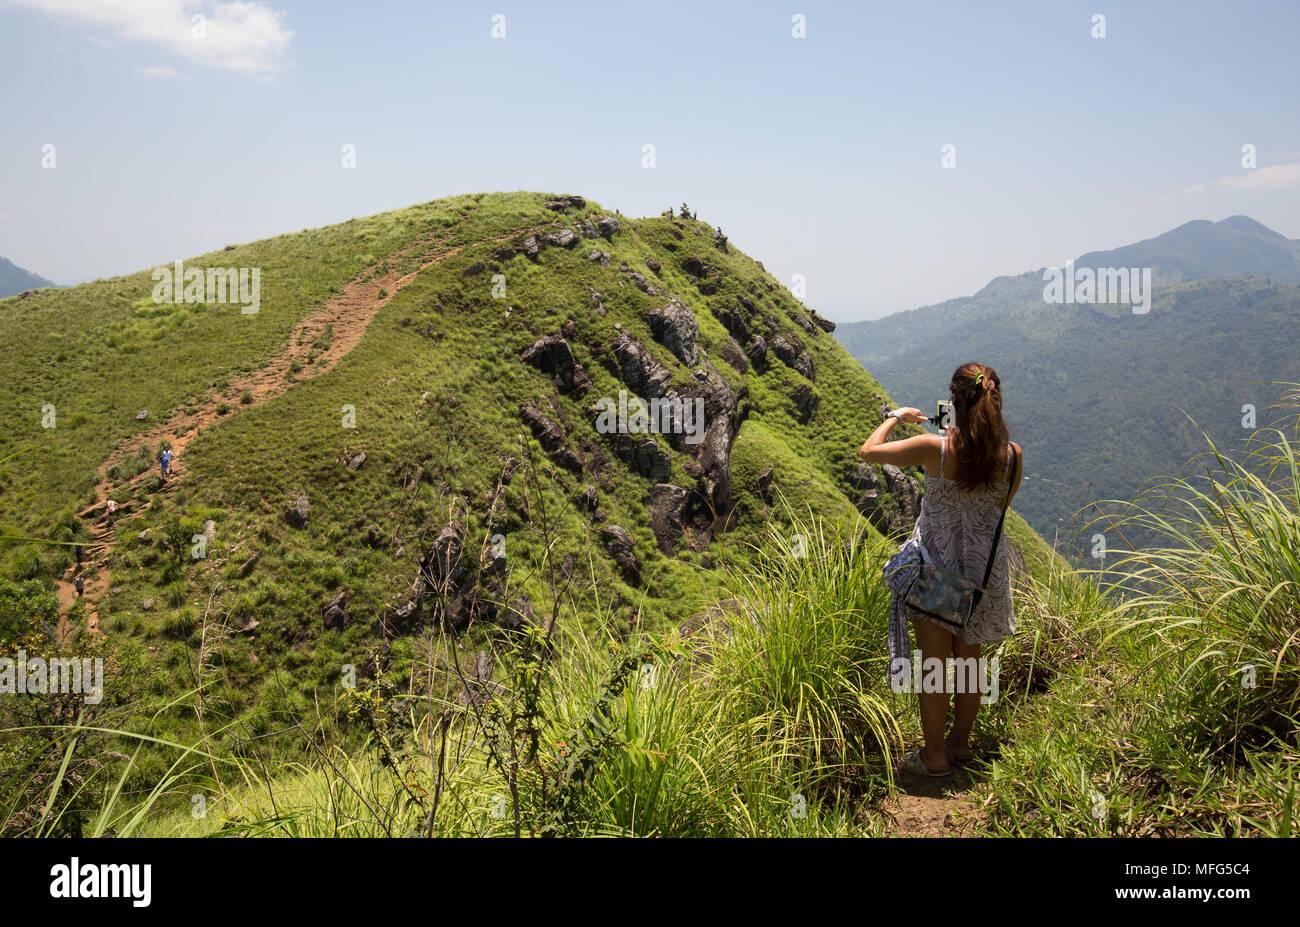 Donna prendendo fotografia di poco Adam's Peak, Ella, Badulla District, provincia di Uva, Sri Lanka, in Asia. Foto Stock